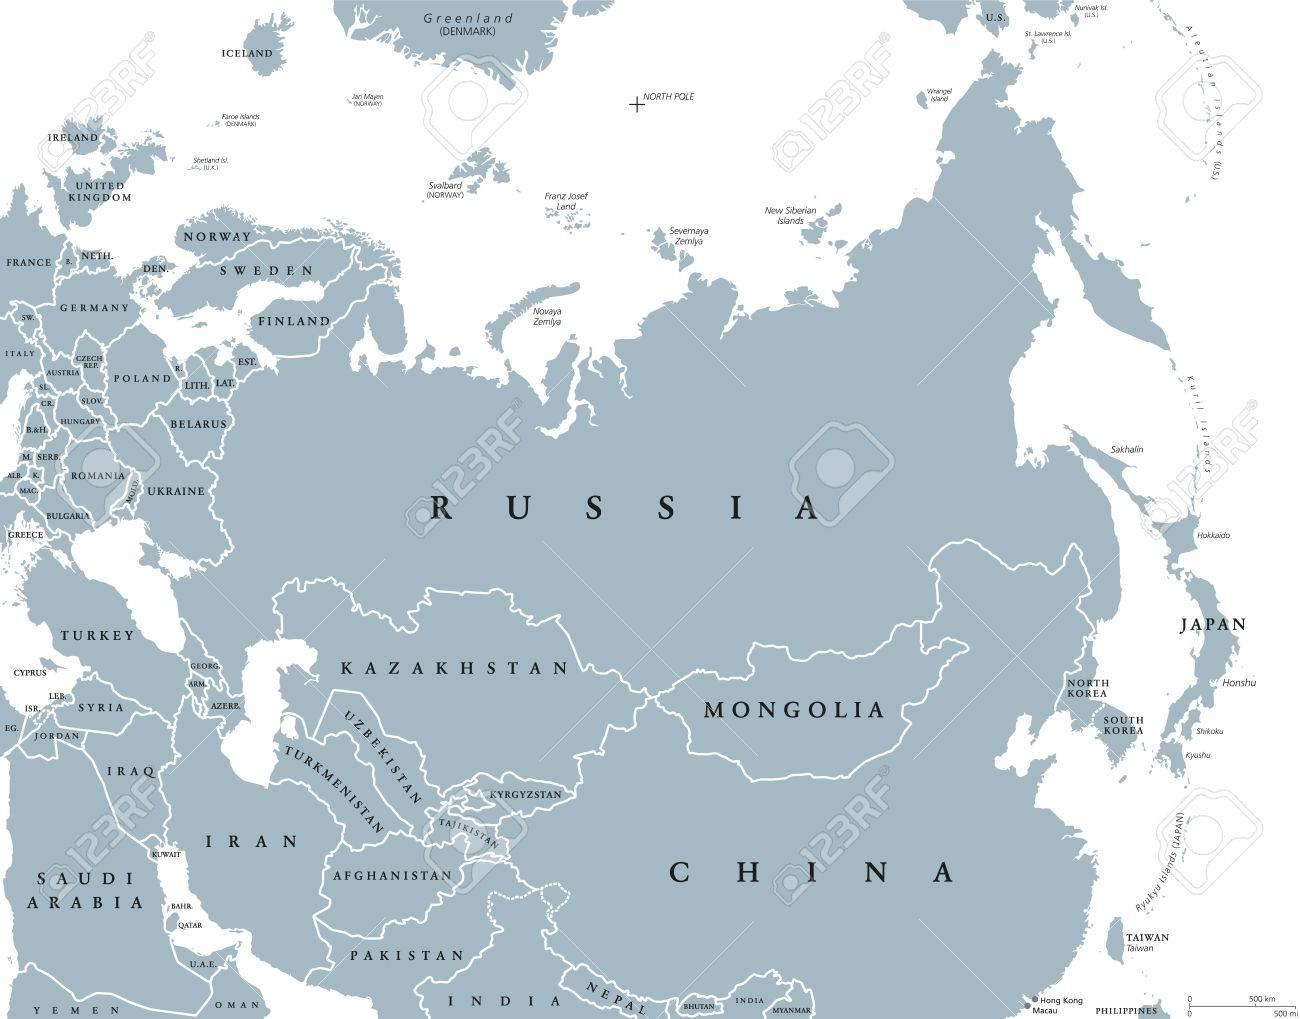 Carte Europe Grise.Carte Politique D Eurasie Avec Les Pays Et Les Frontieres Forteresse Continentale Combinee D Europe Et D Asie Situee Dans Les Hemispheres Nord Et